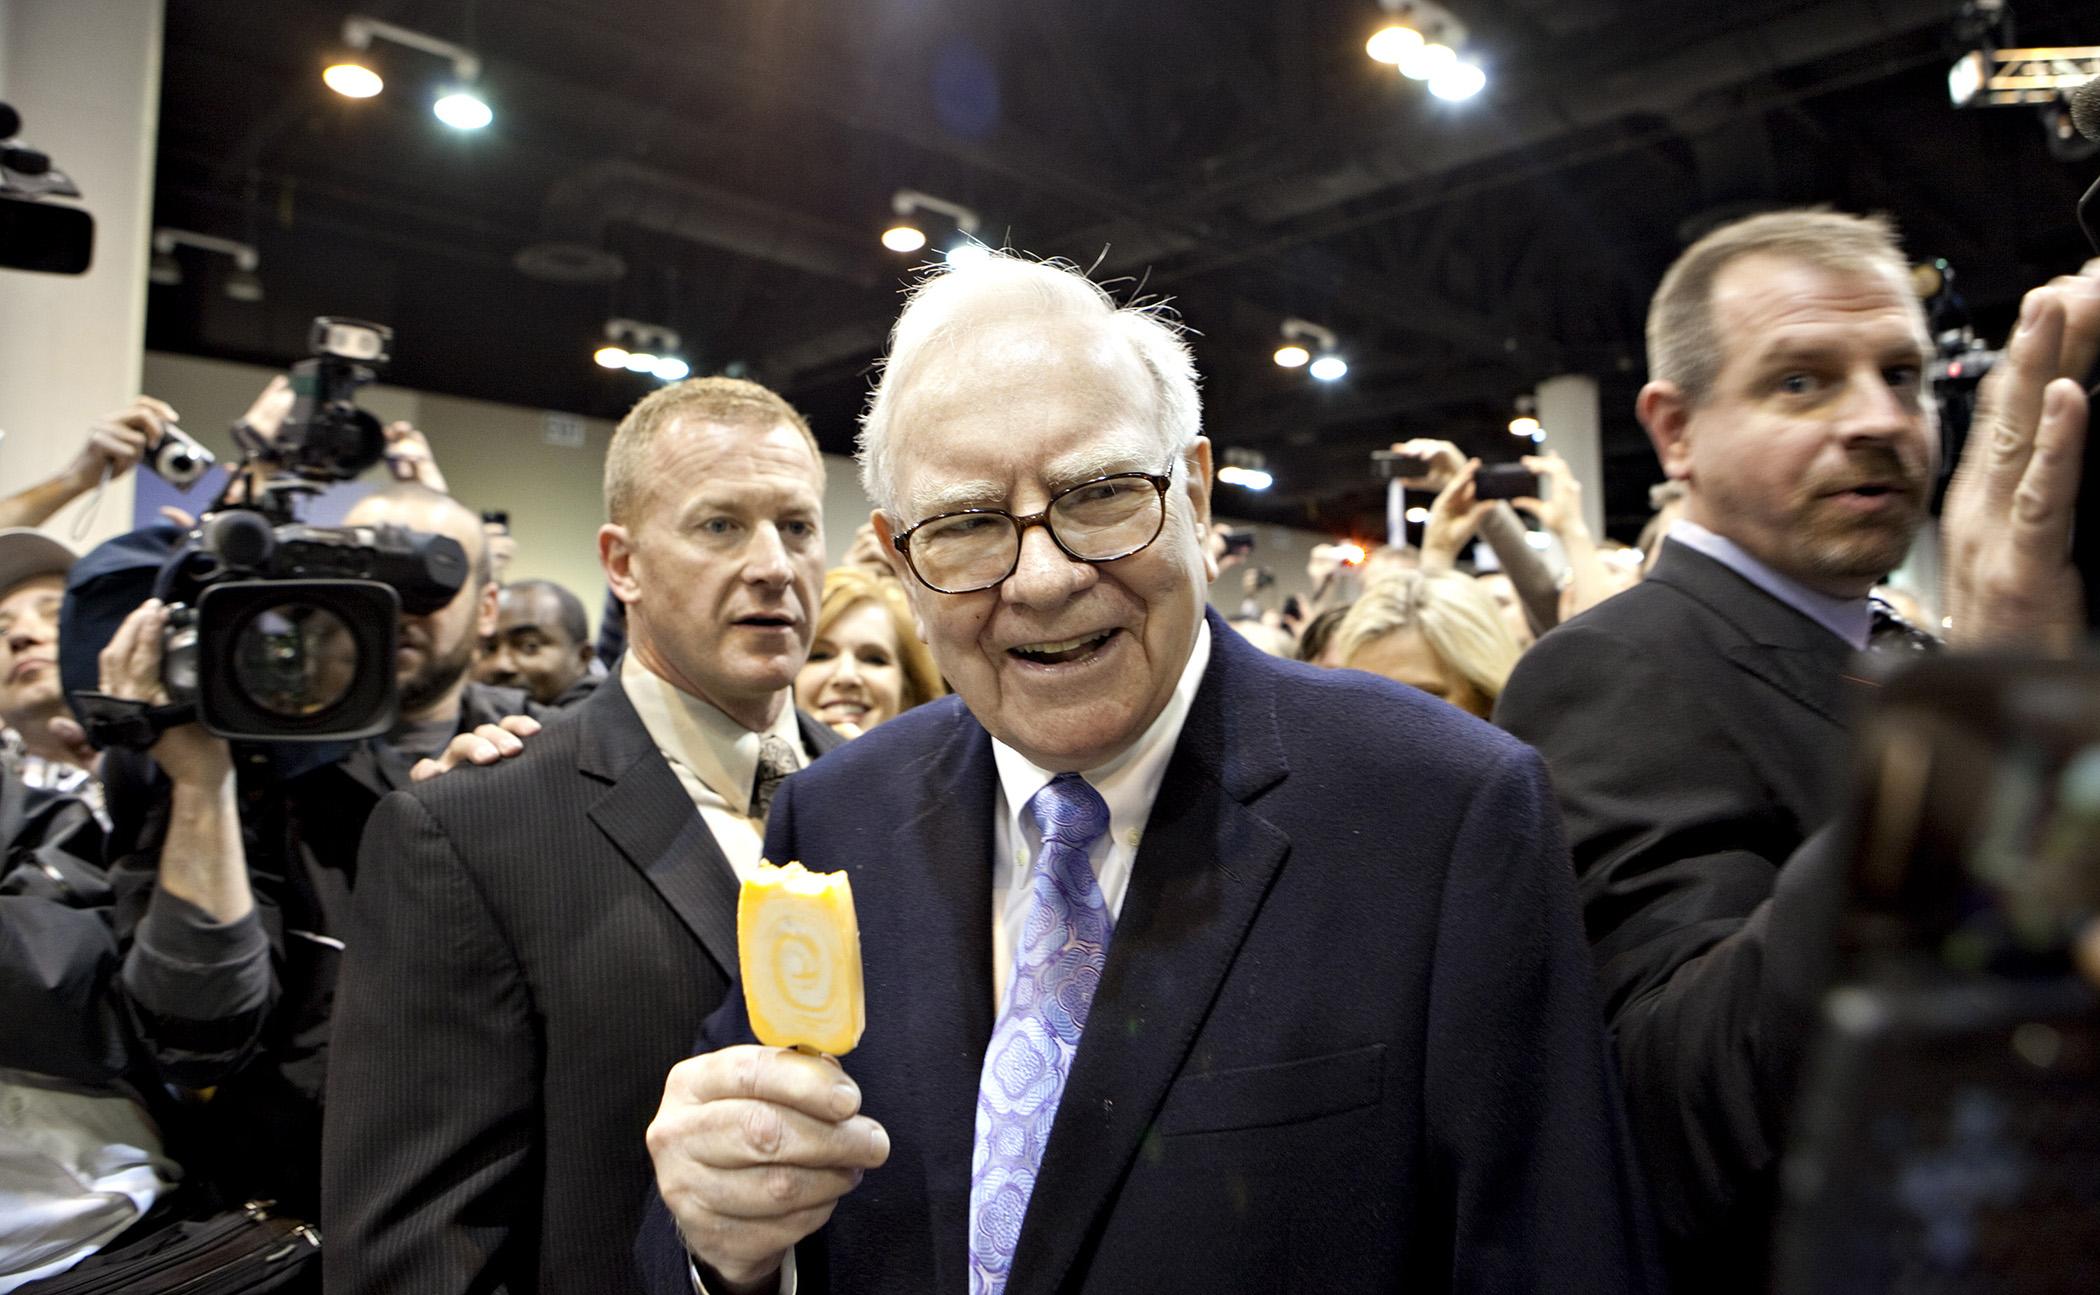 Warren Buffett at Berkshire Hathaway Shareholders Meeting